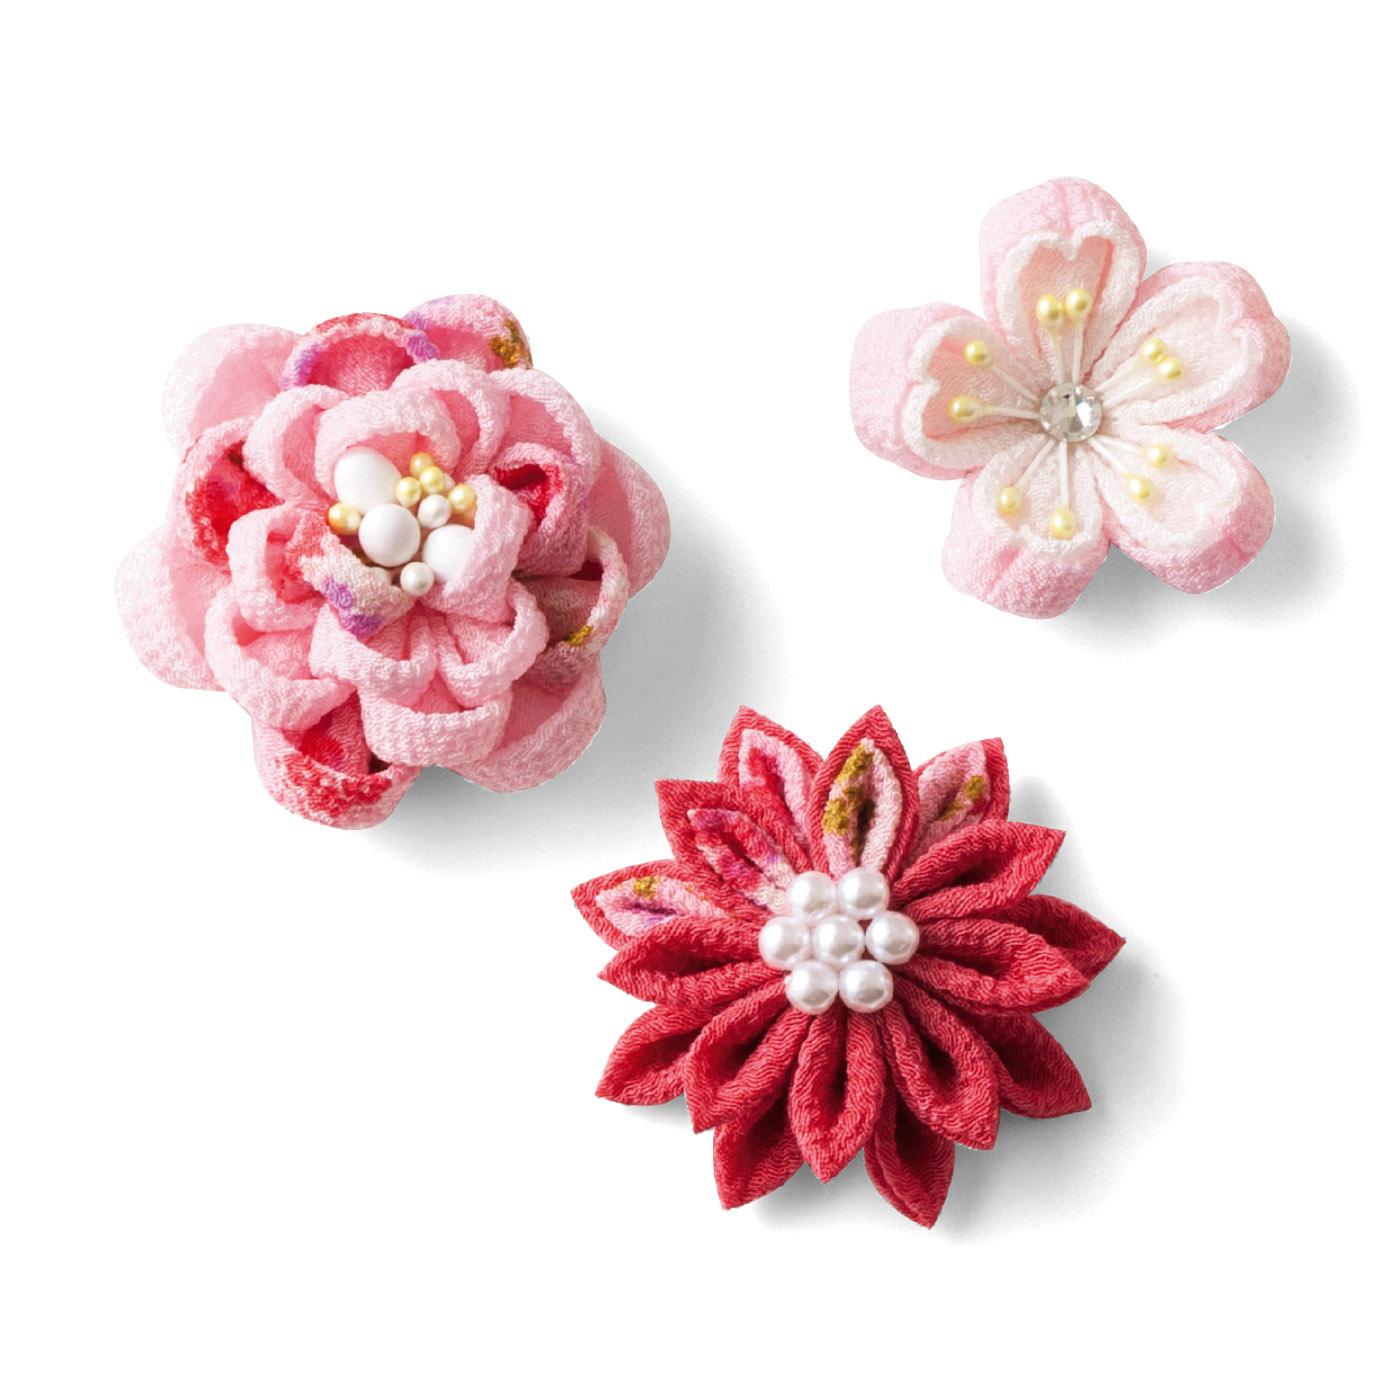 牡丹や菊、桜など着物の柄によく用いられる花を選びました。